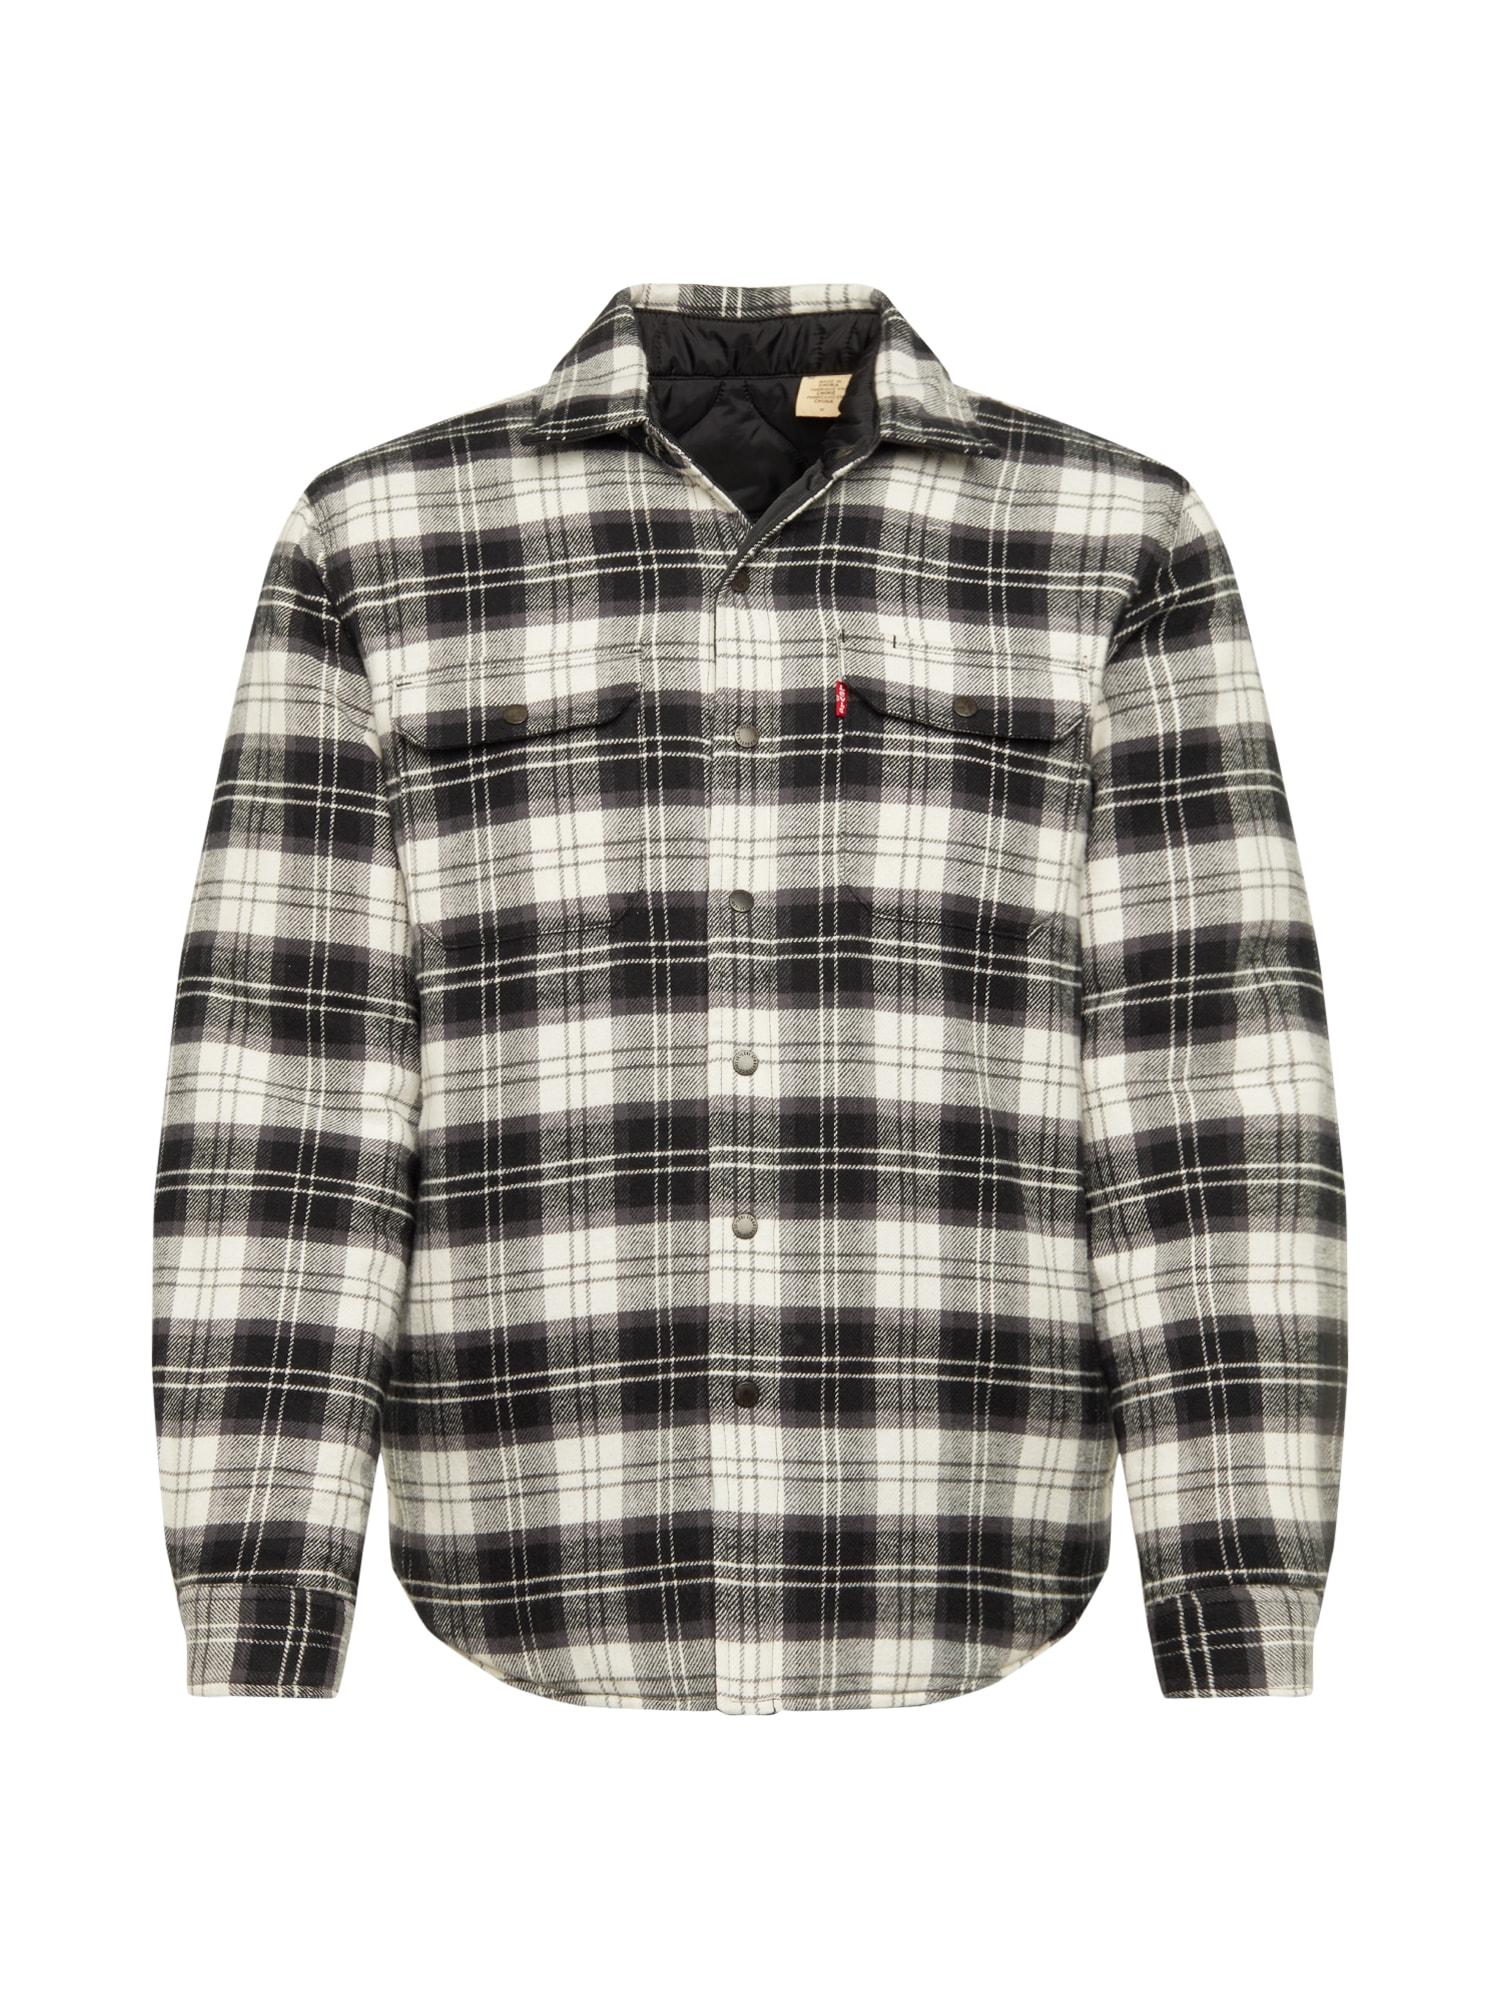 LEVI'S Dalykiniai marškiniai 'RVS JACKSON SHACKET' balta / juoda